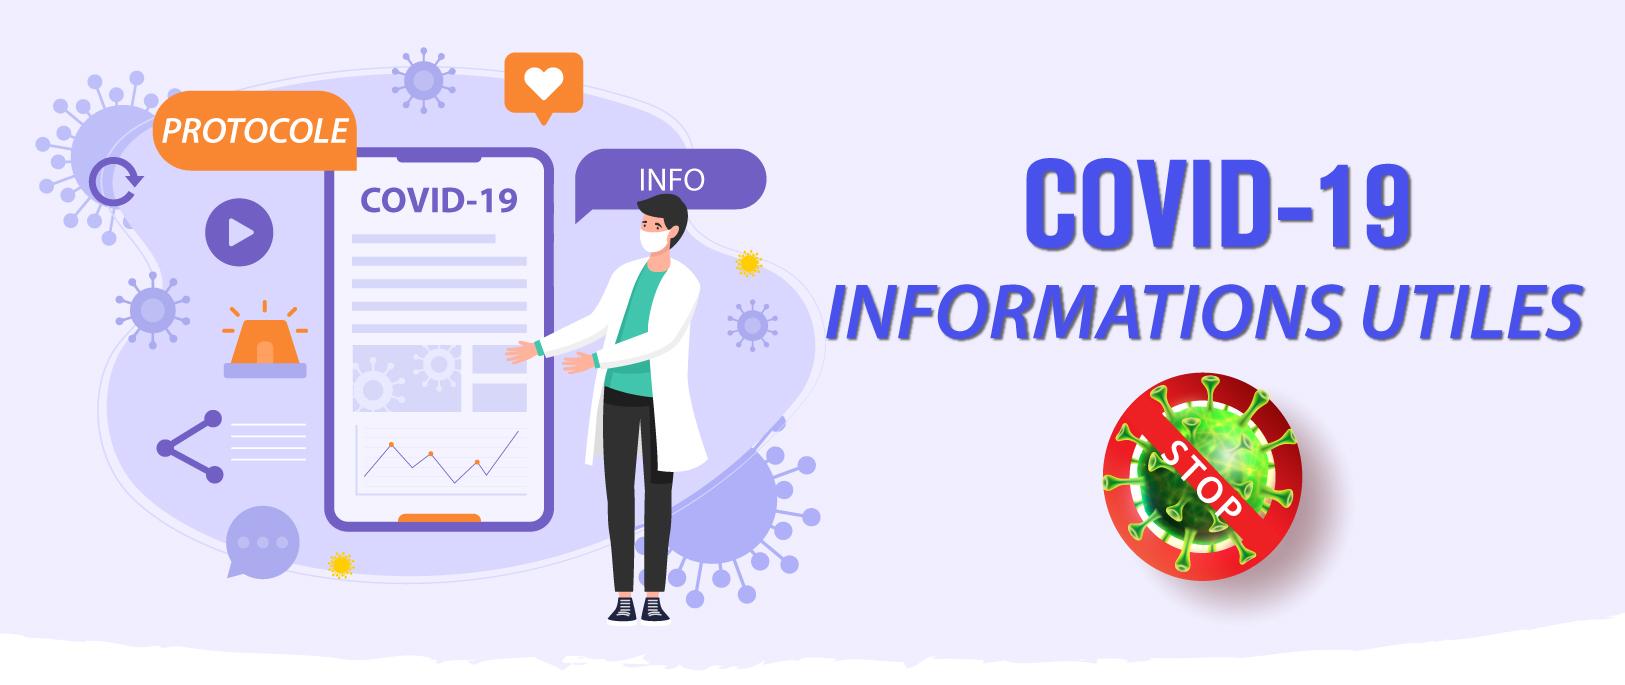 Protocole de sécurité sanitaire anti covid-19